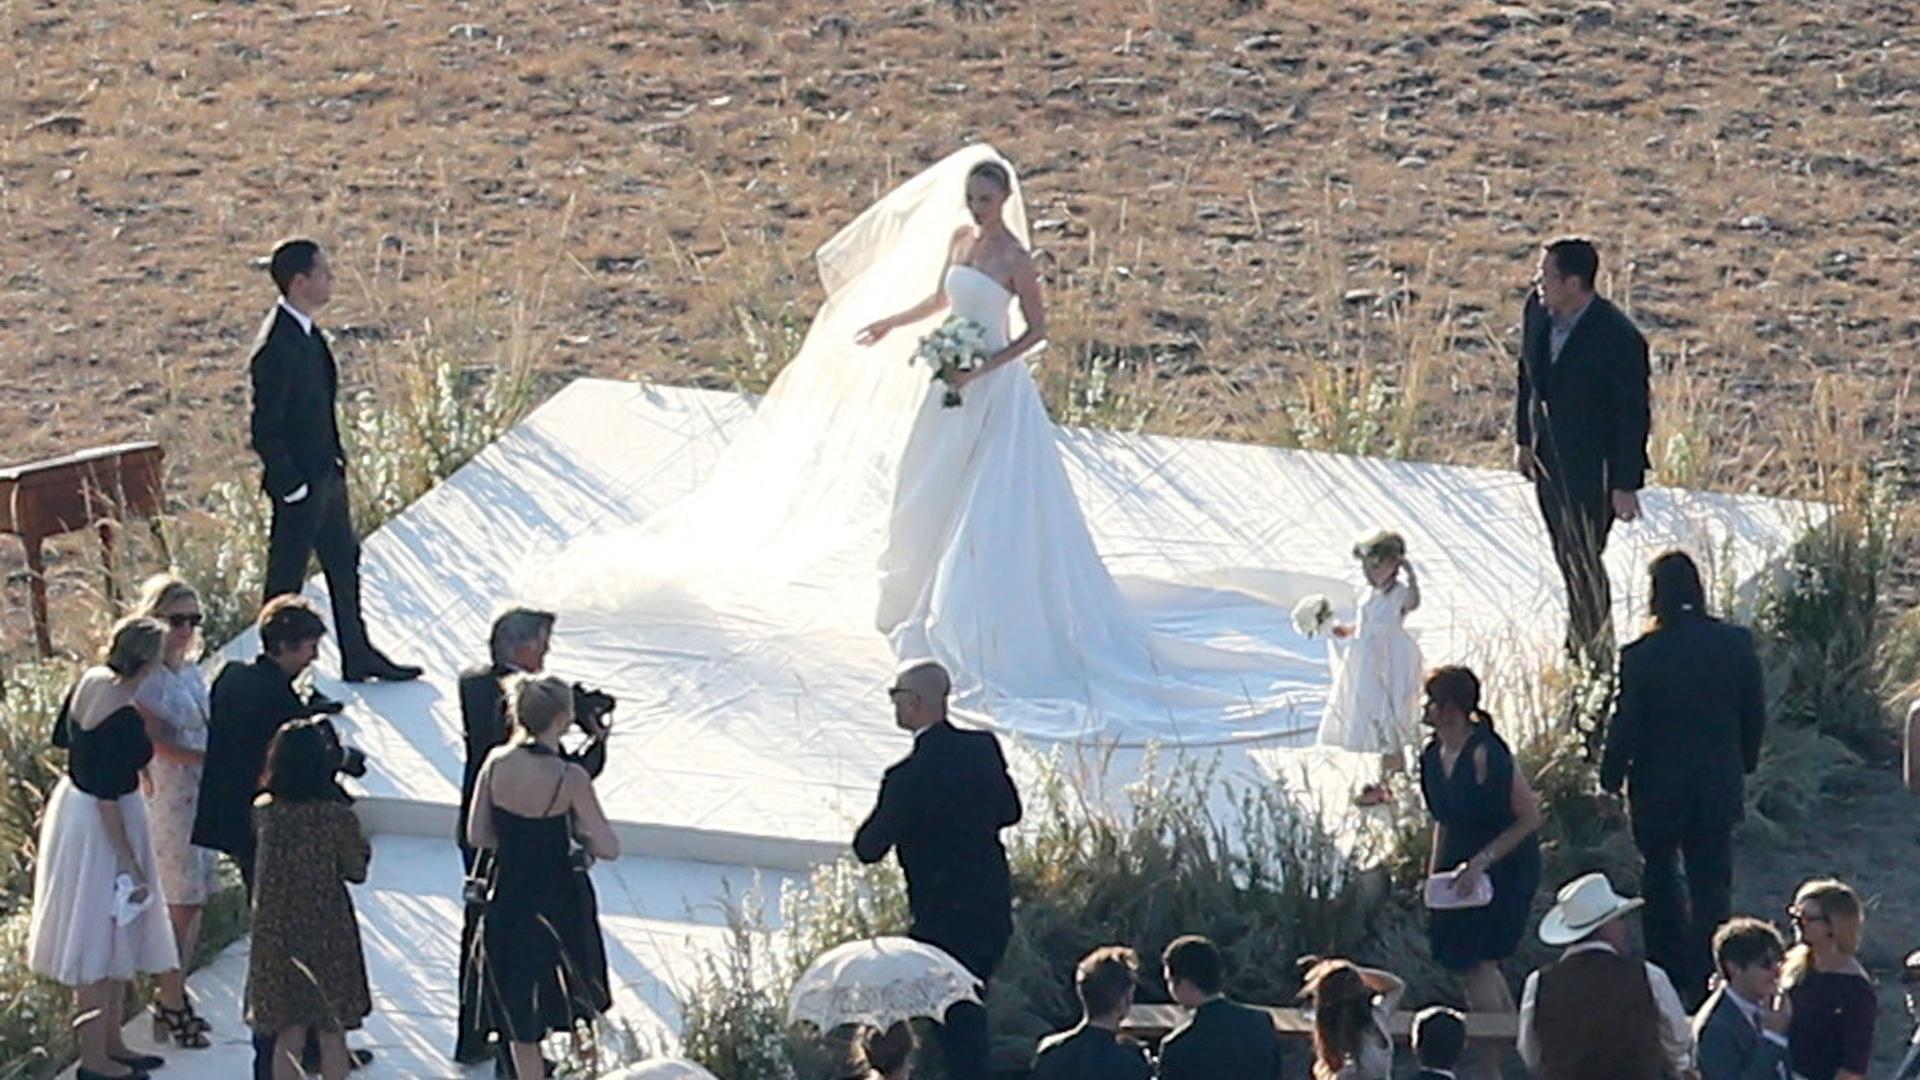 31.ago.2013 - A atriz Kate Bosworth arruma véu para foto após se casar com o diretor Michael Polish em um rancho no estado norte-americano de Montana. Os dois se conheceram durante as filmagens do longa